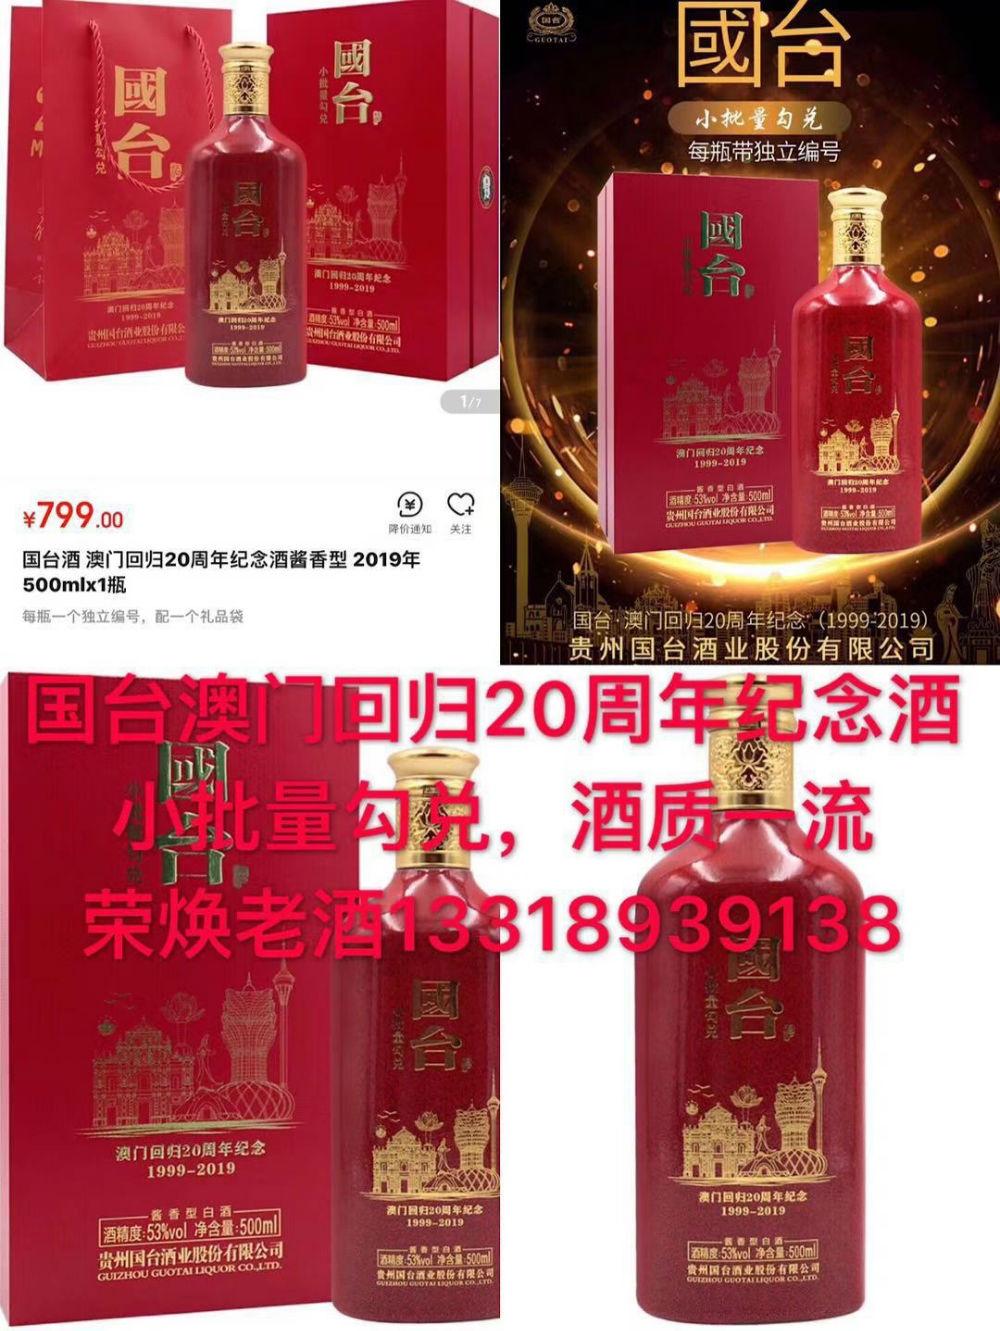 带编号国台澳门回归20周年纪念酒